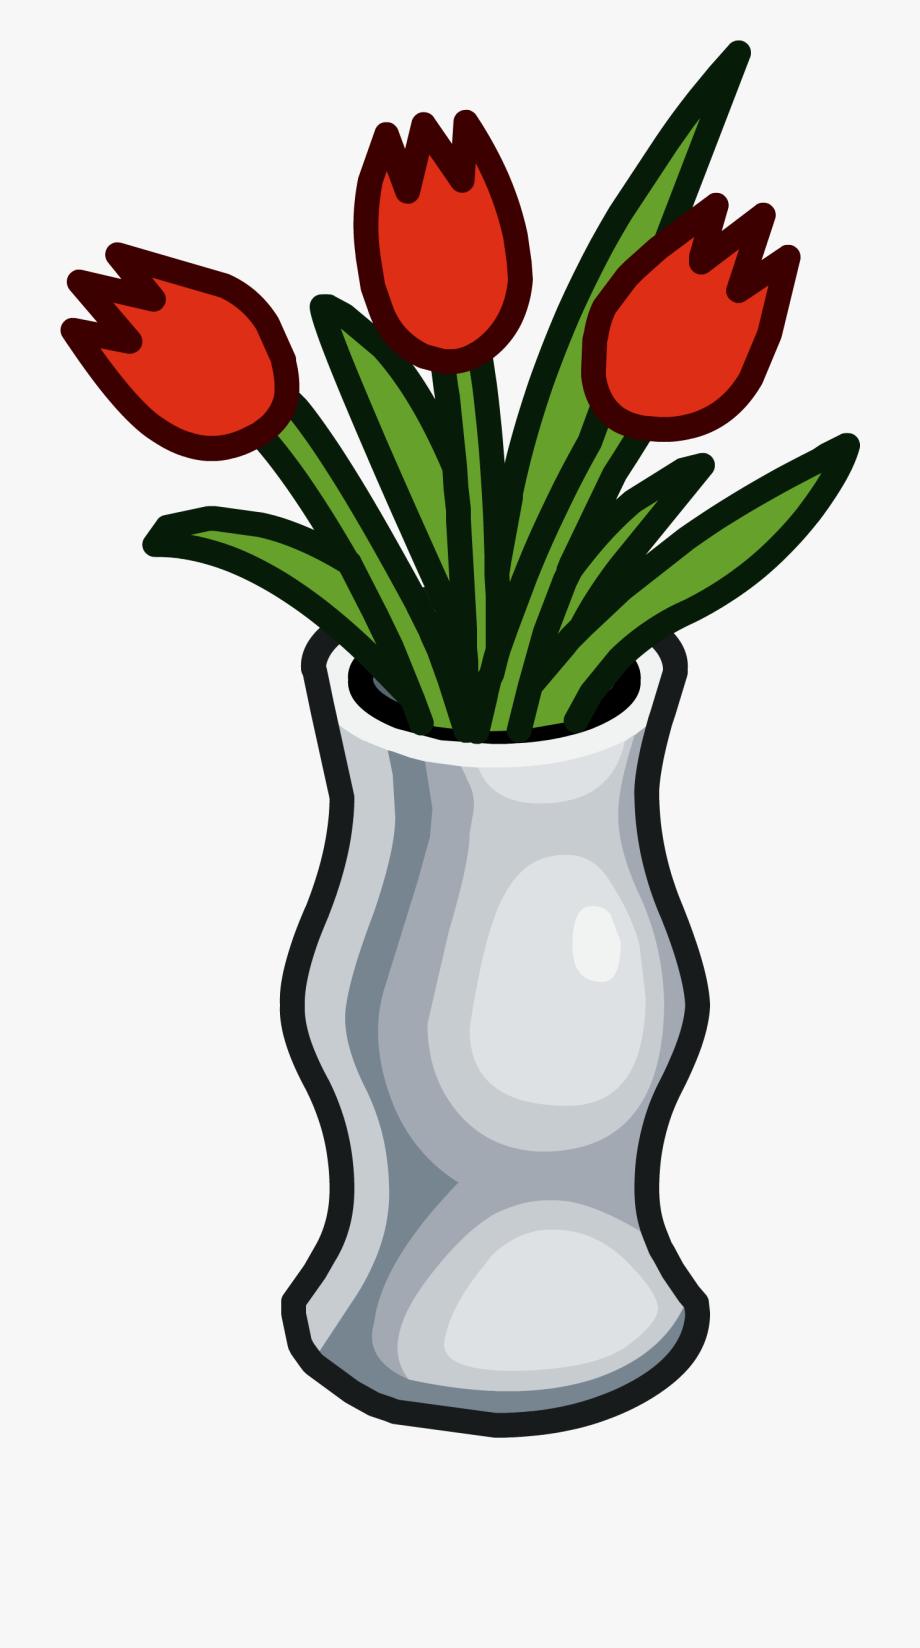 Vase Clipart Spring Flower.